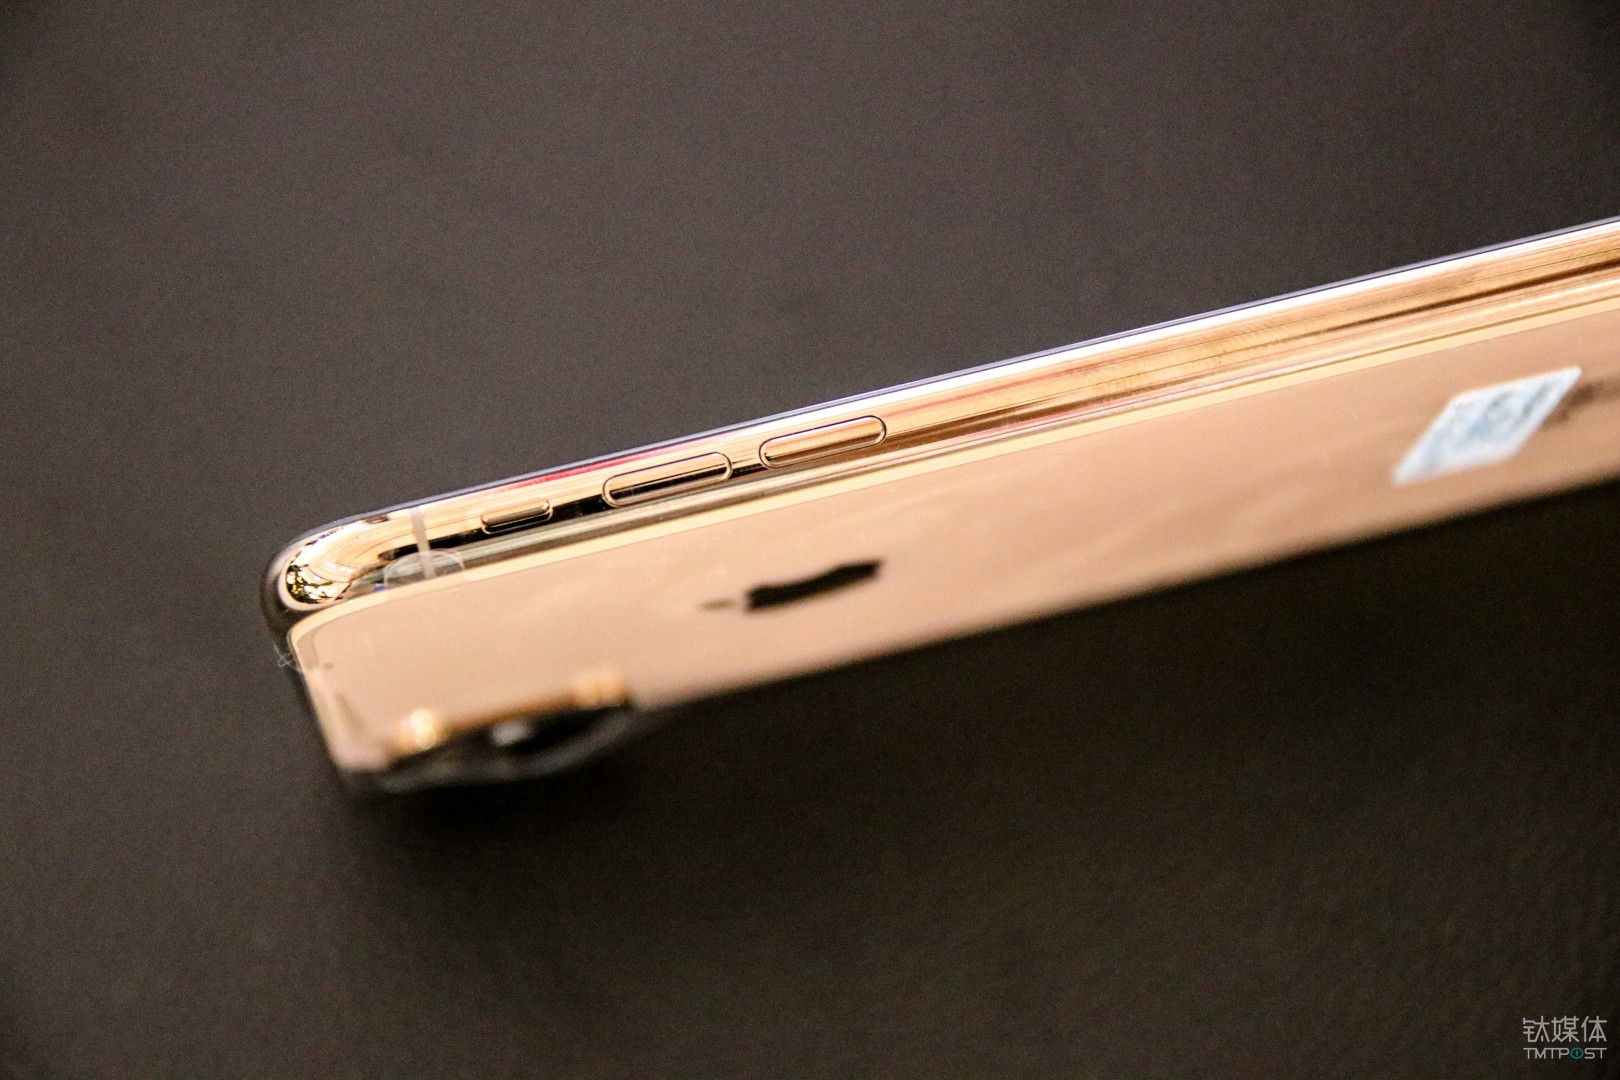 互联网  刘海设计 金色机身及边框 这次苹果带来的金色配色相较于之前